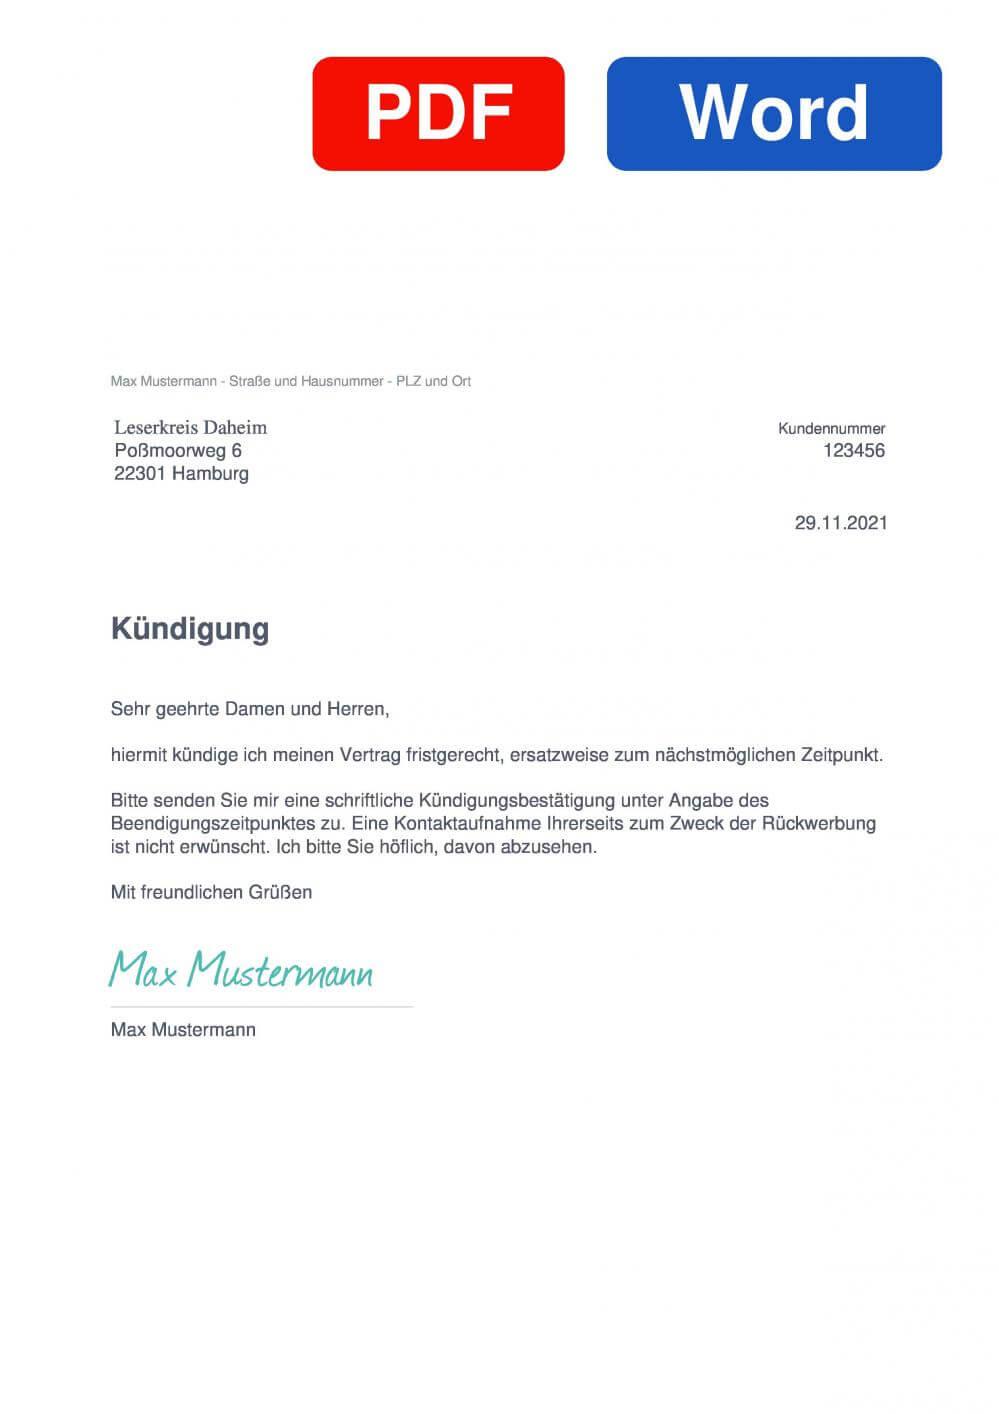 Leserkreis Daheim Muster Vorlage für Kündigungsschreiben